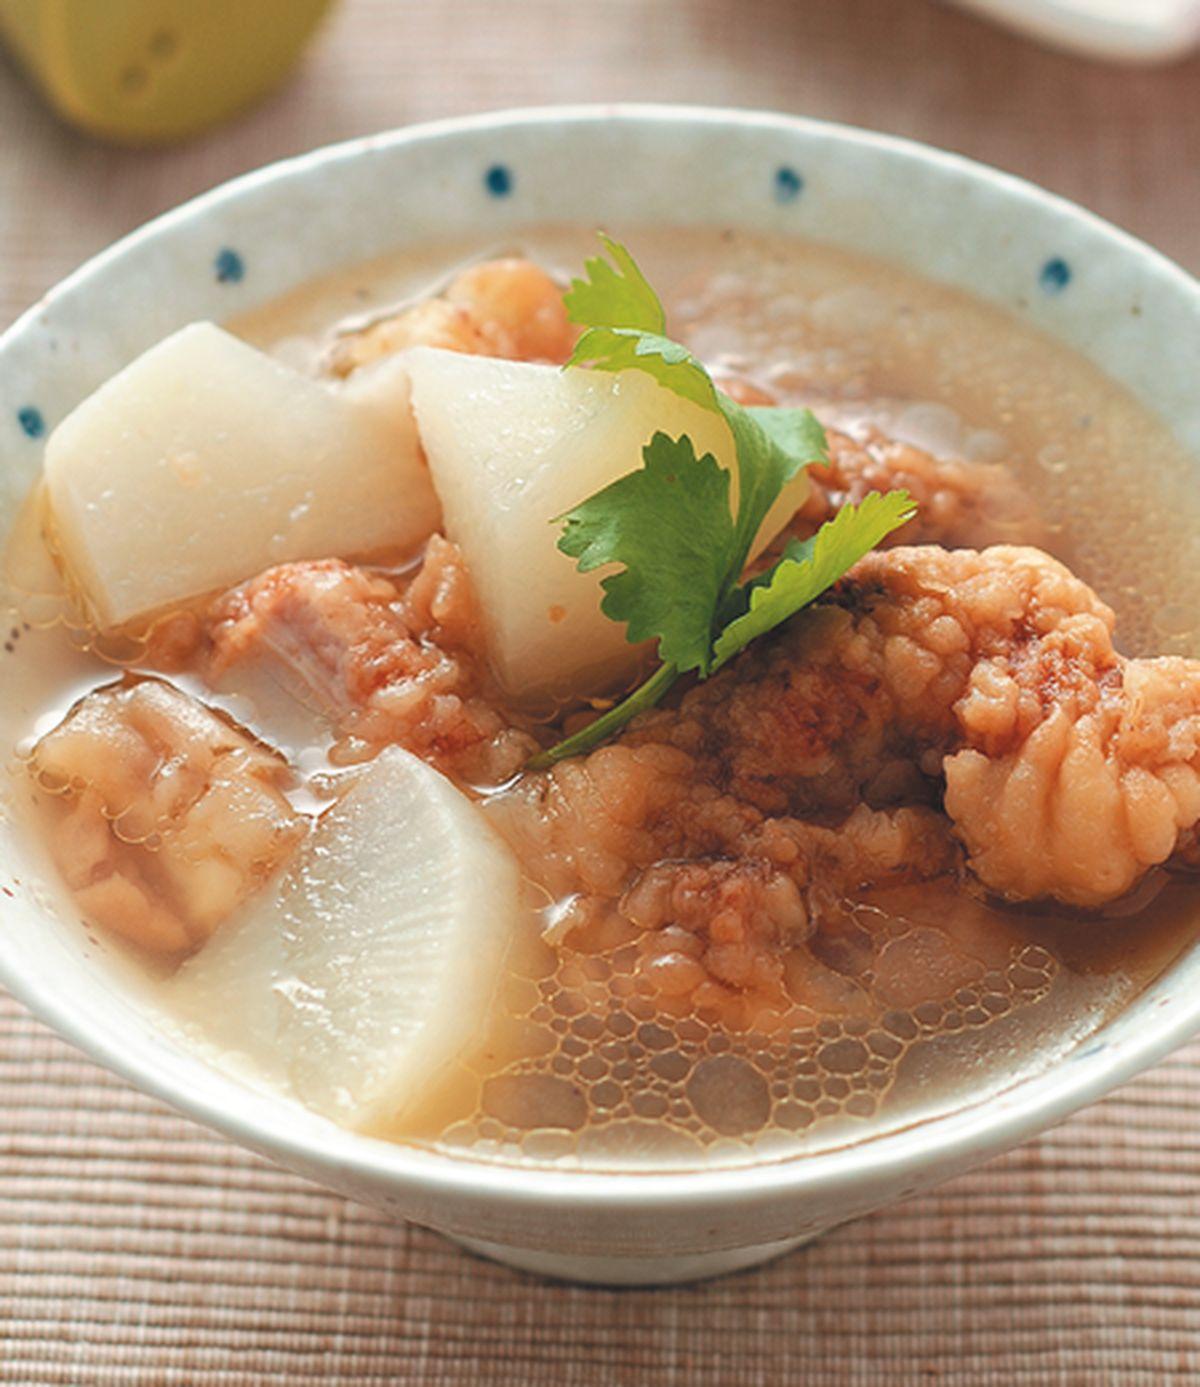 食譜:蘿蔔排骨酥湯(1)